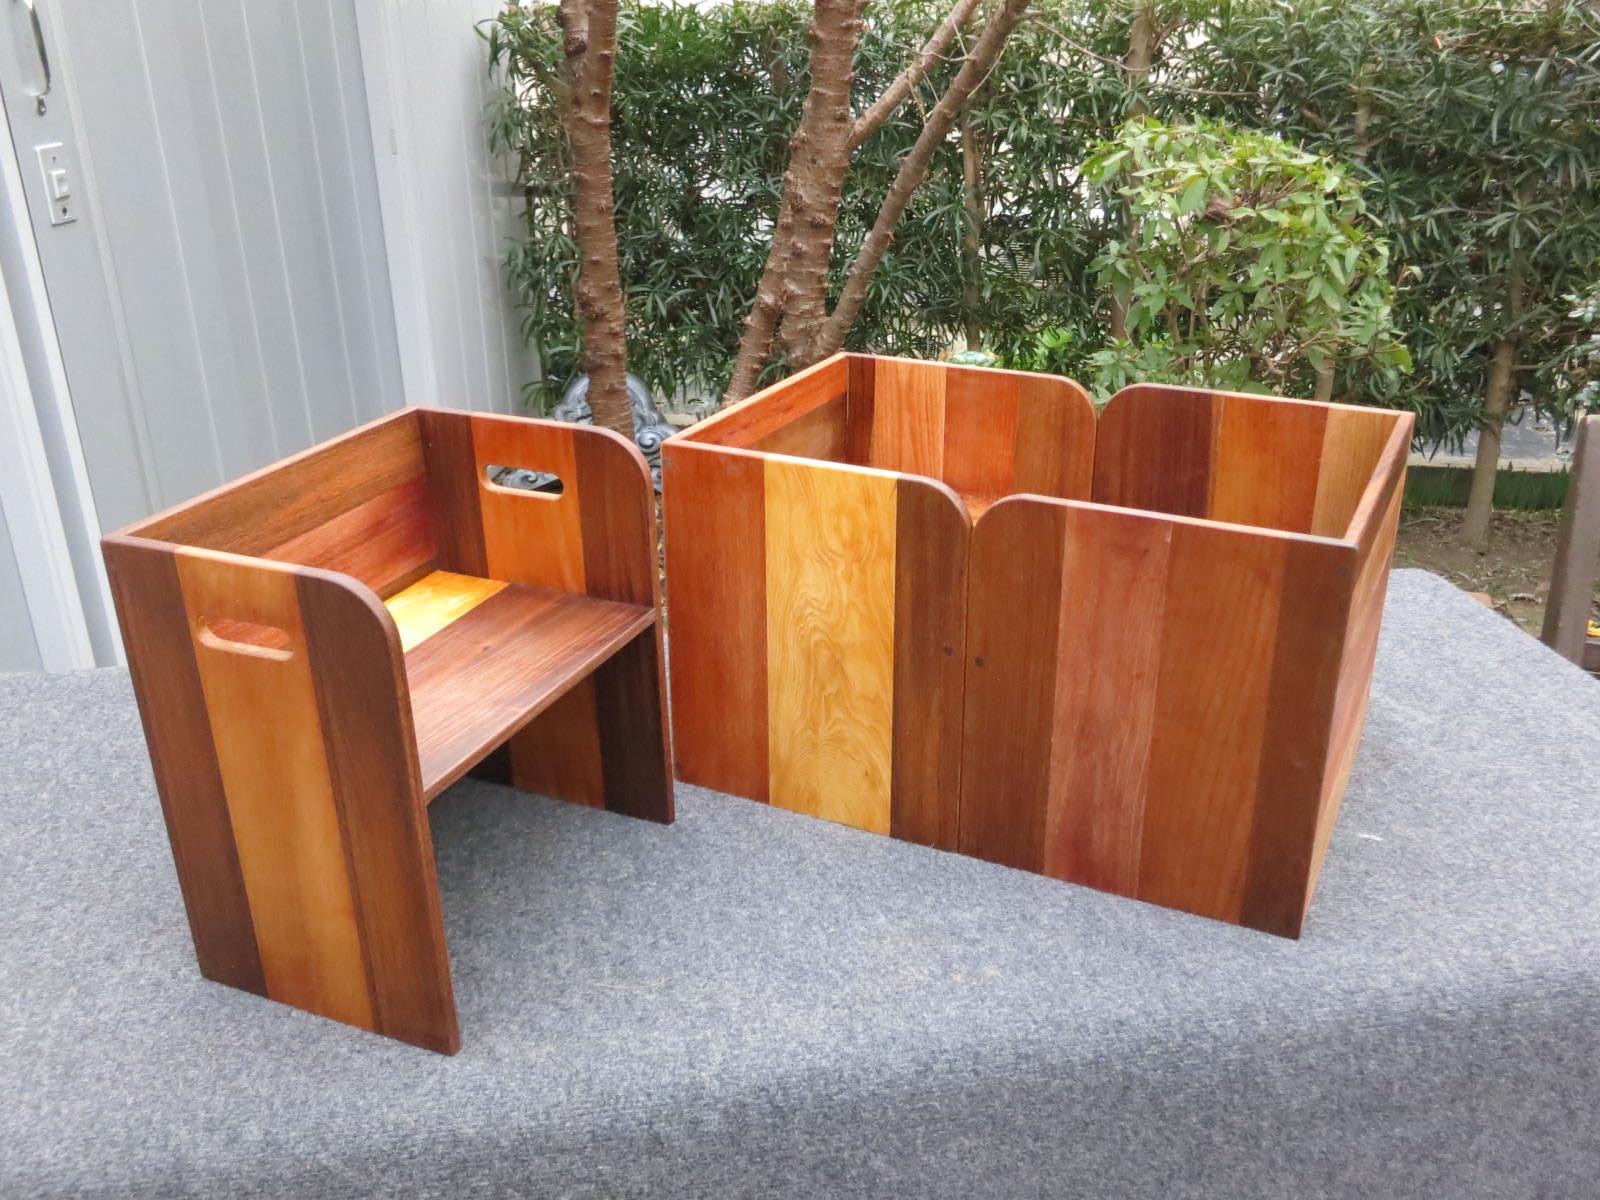 箱椅子-2-1